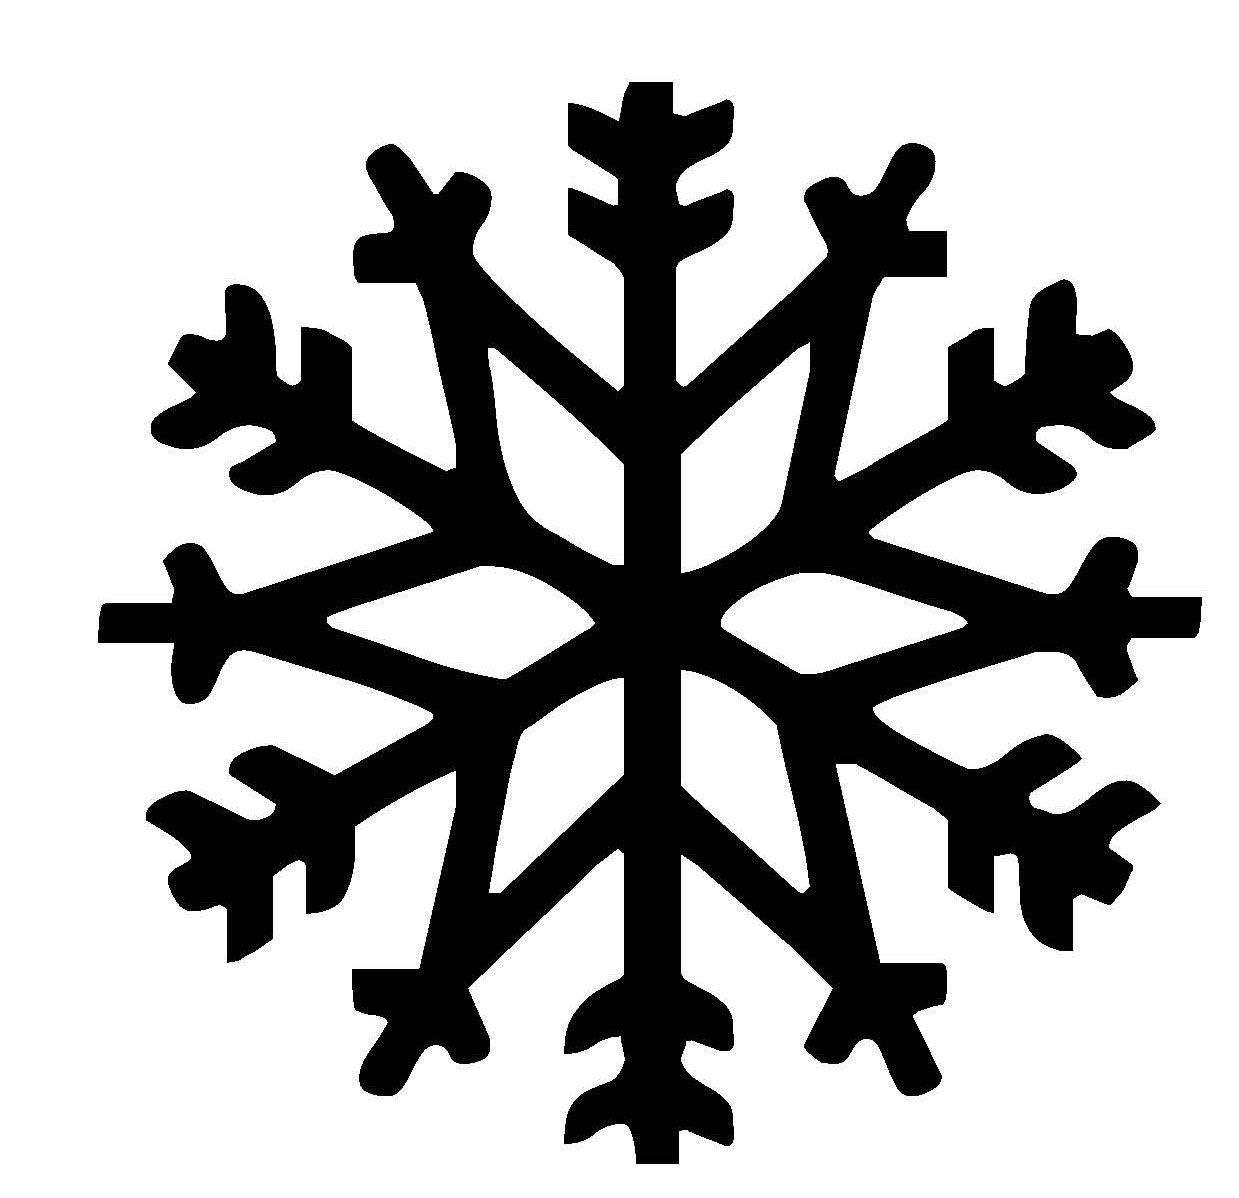 Malvorlagen Schneeflocken  Kostenlose Malvorlage Schneeflocken und Sterne